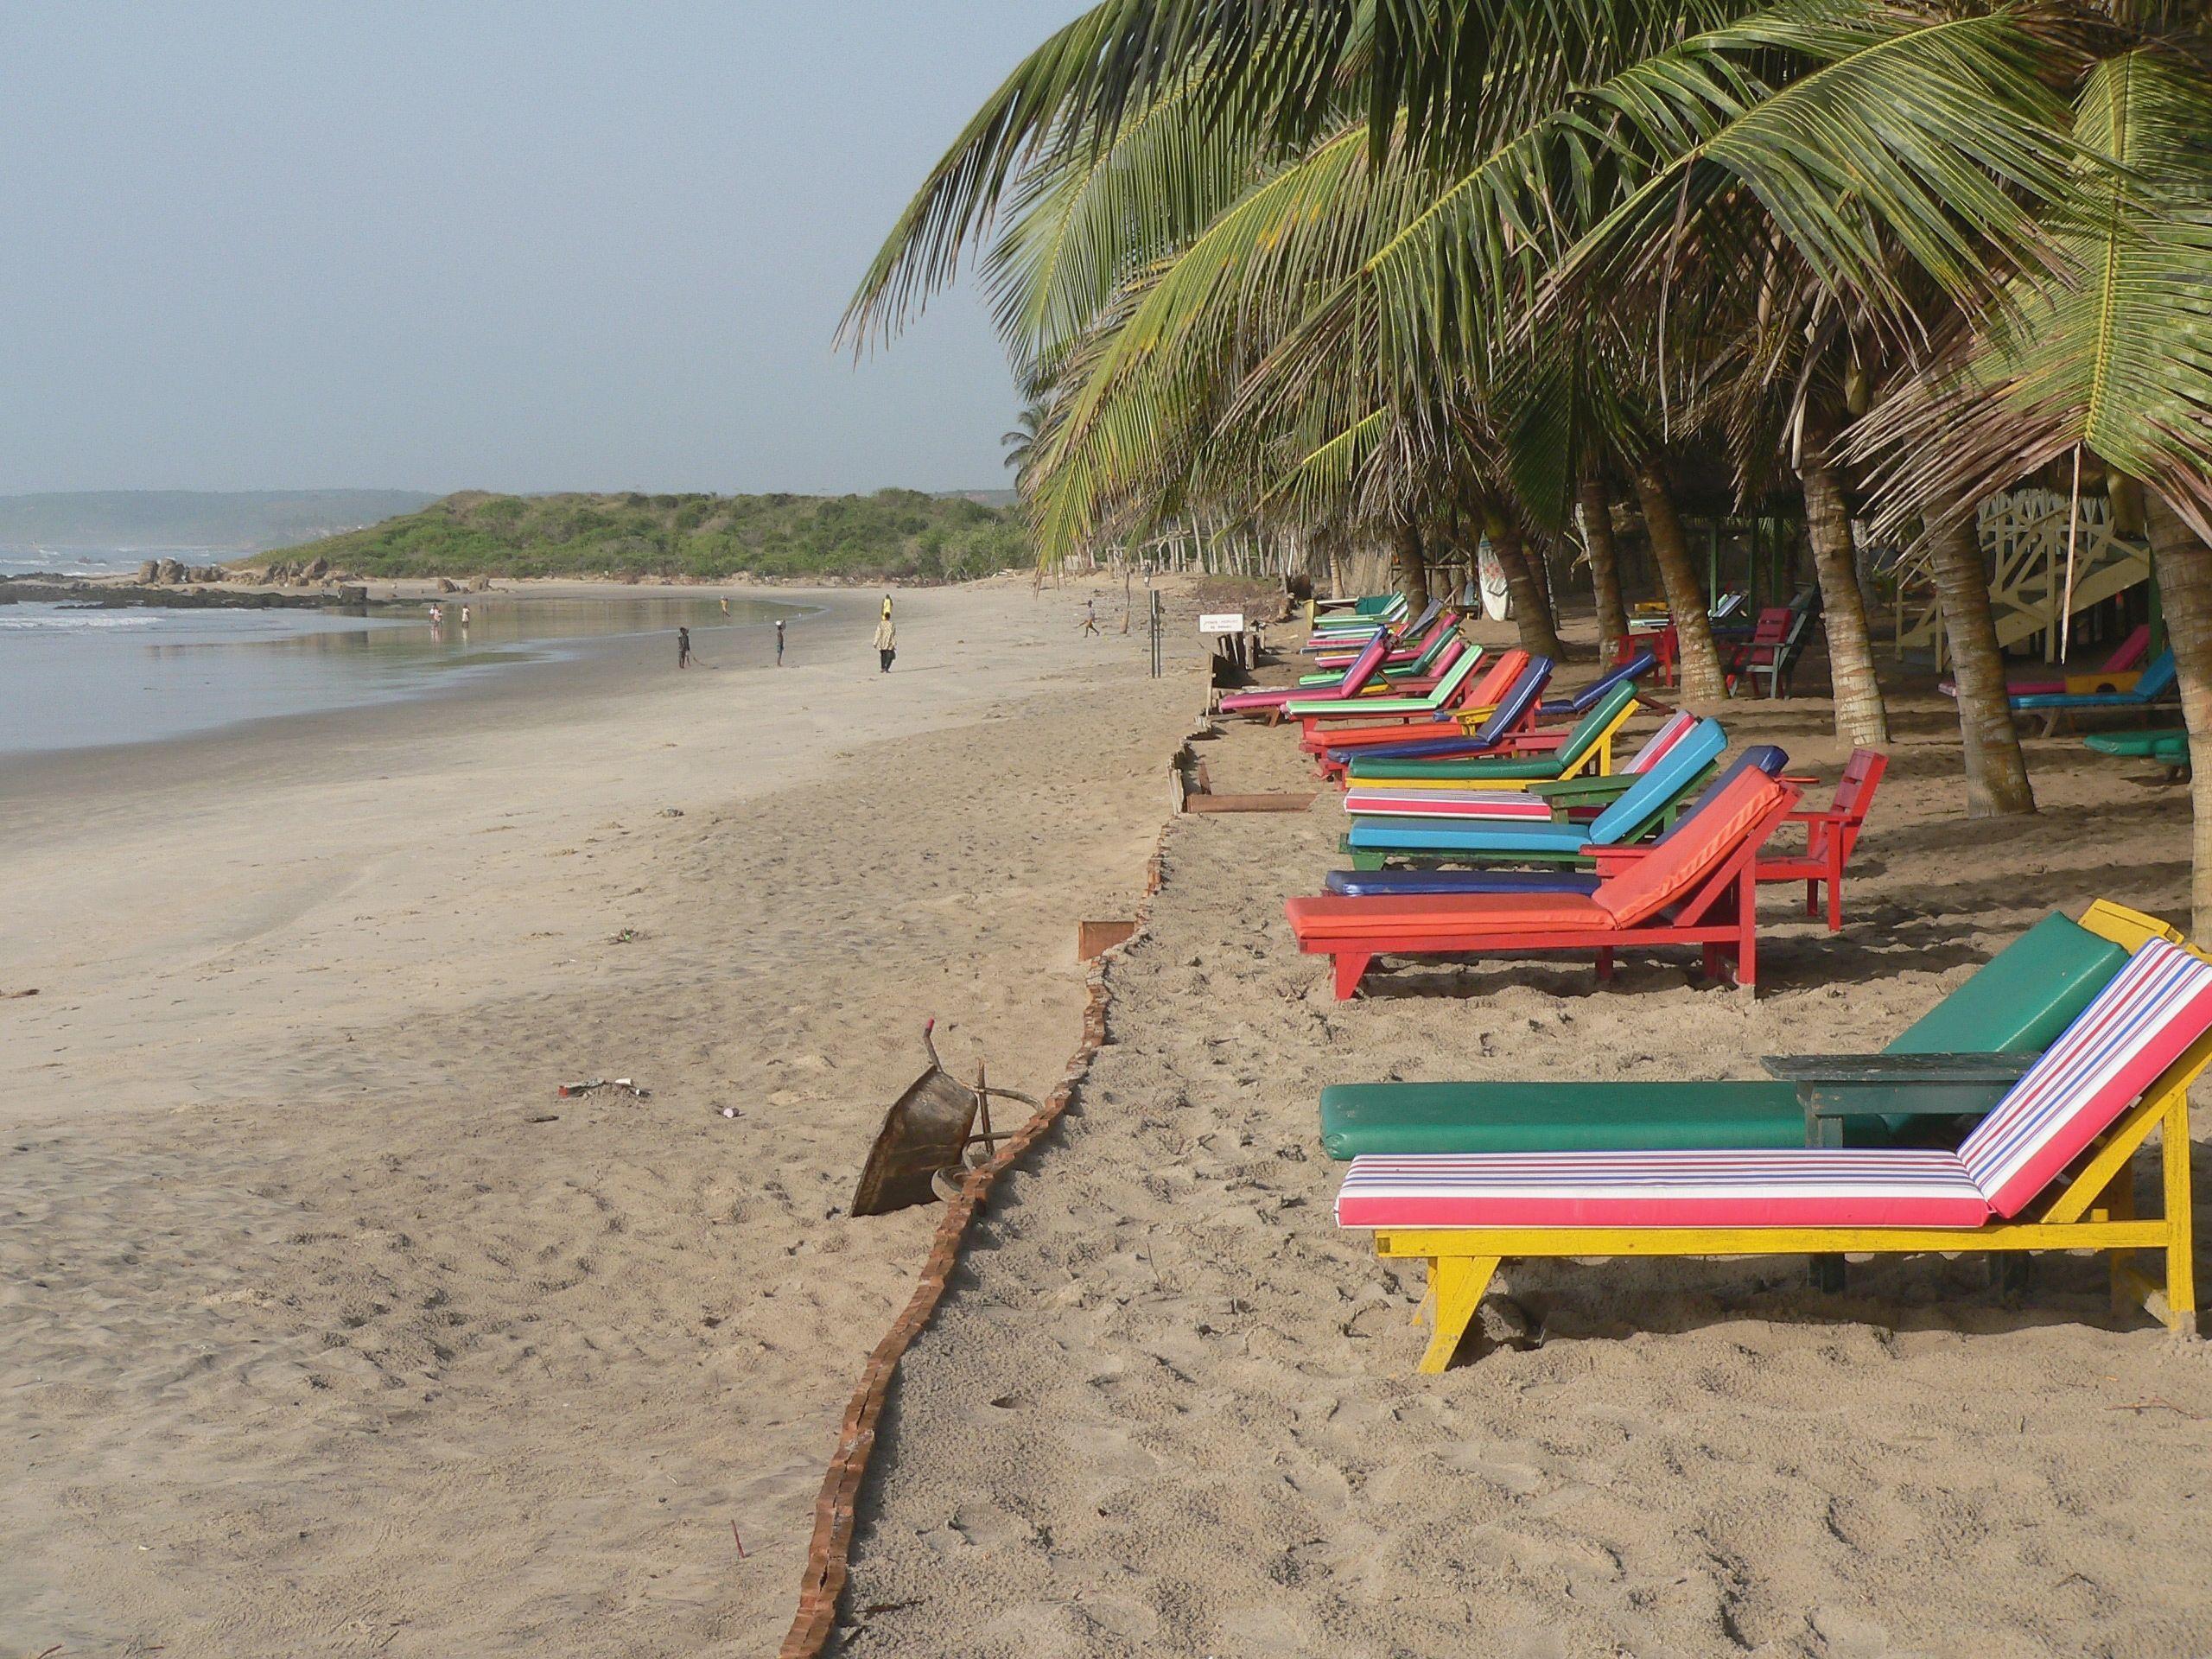 mozambique tourism information